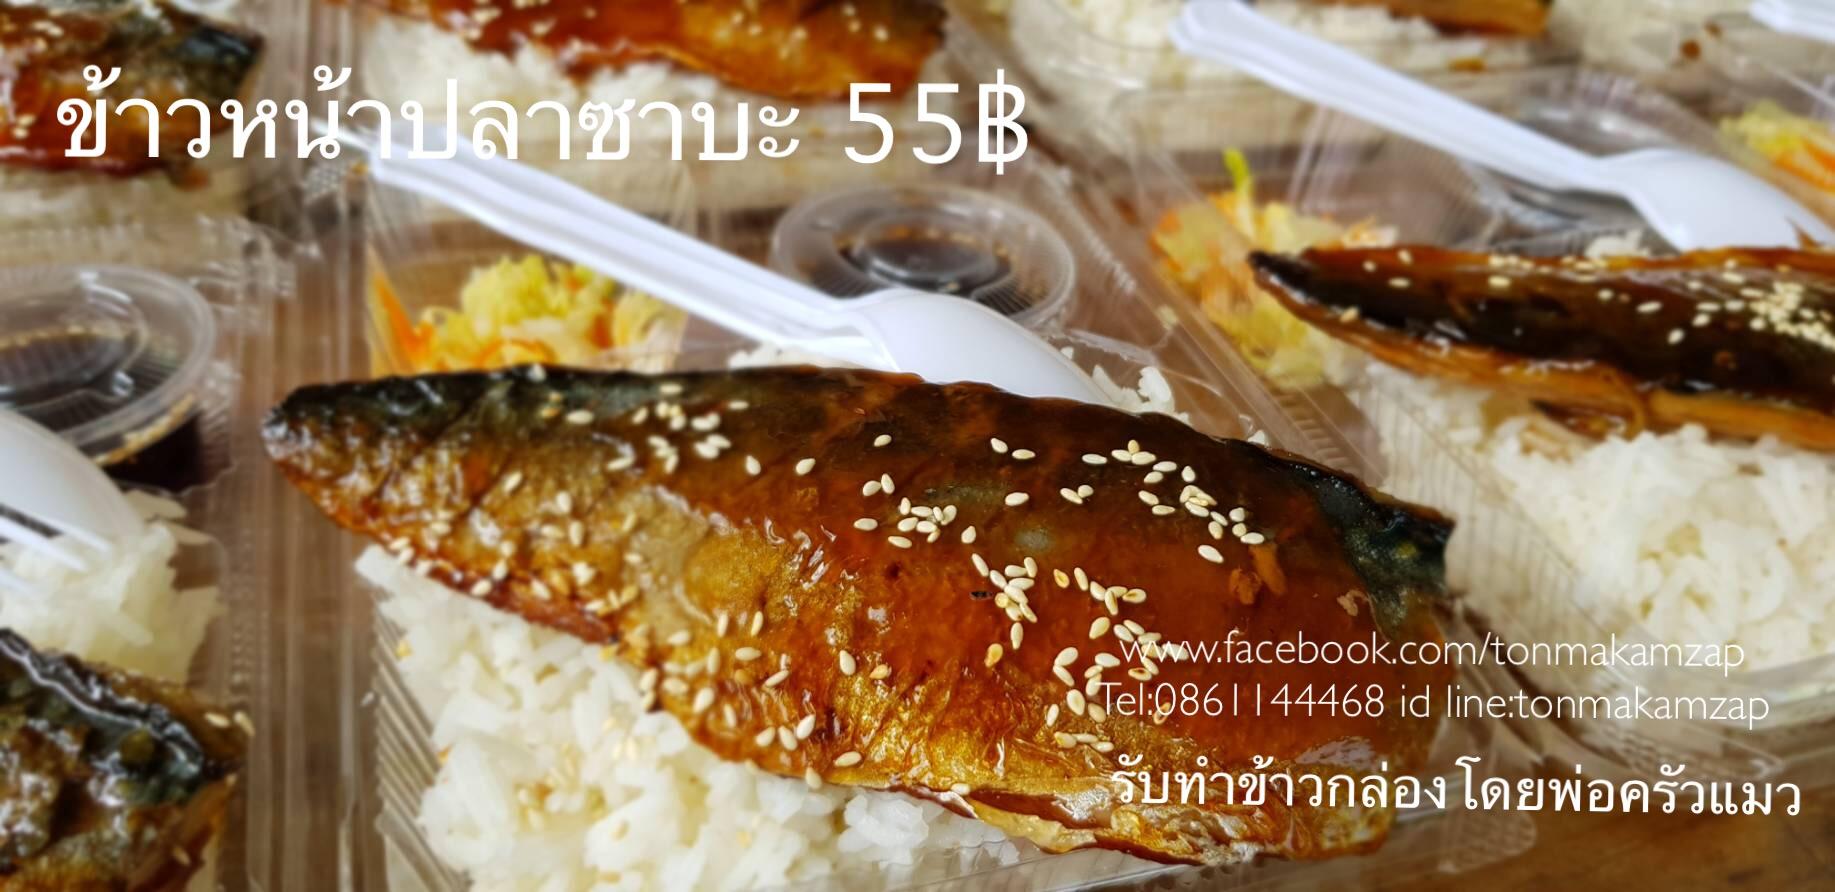 ข้าวกล่องอร่อยๆส่งฟรีสมุทรปราการ ข้าวหน้าปลาซาบะอร่อยๆ